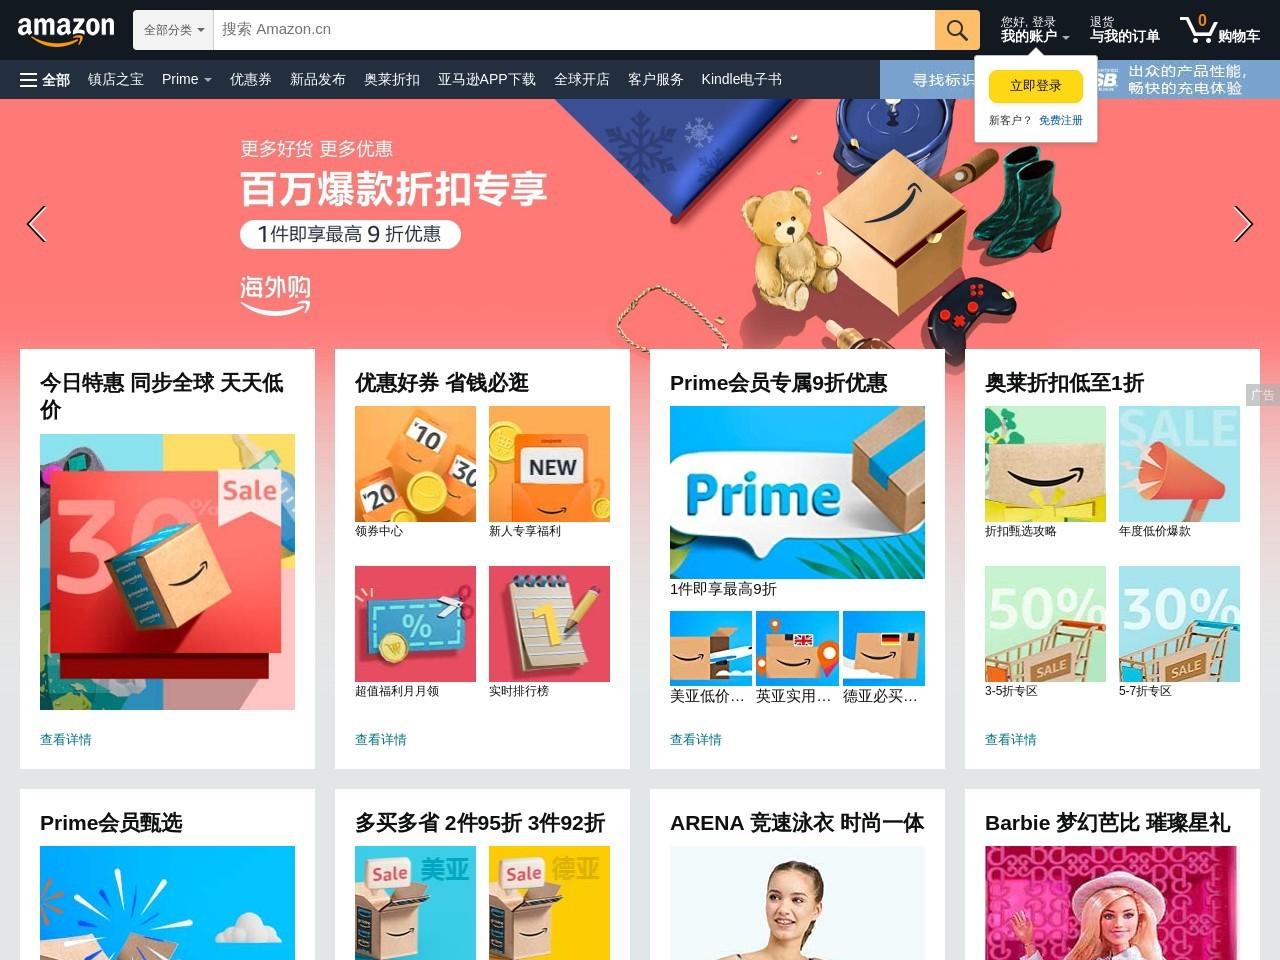 亚马逊中国 z.cn, 一站放心购全球